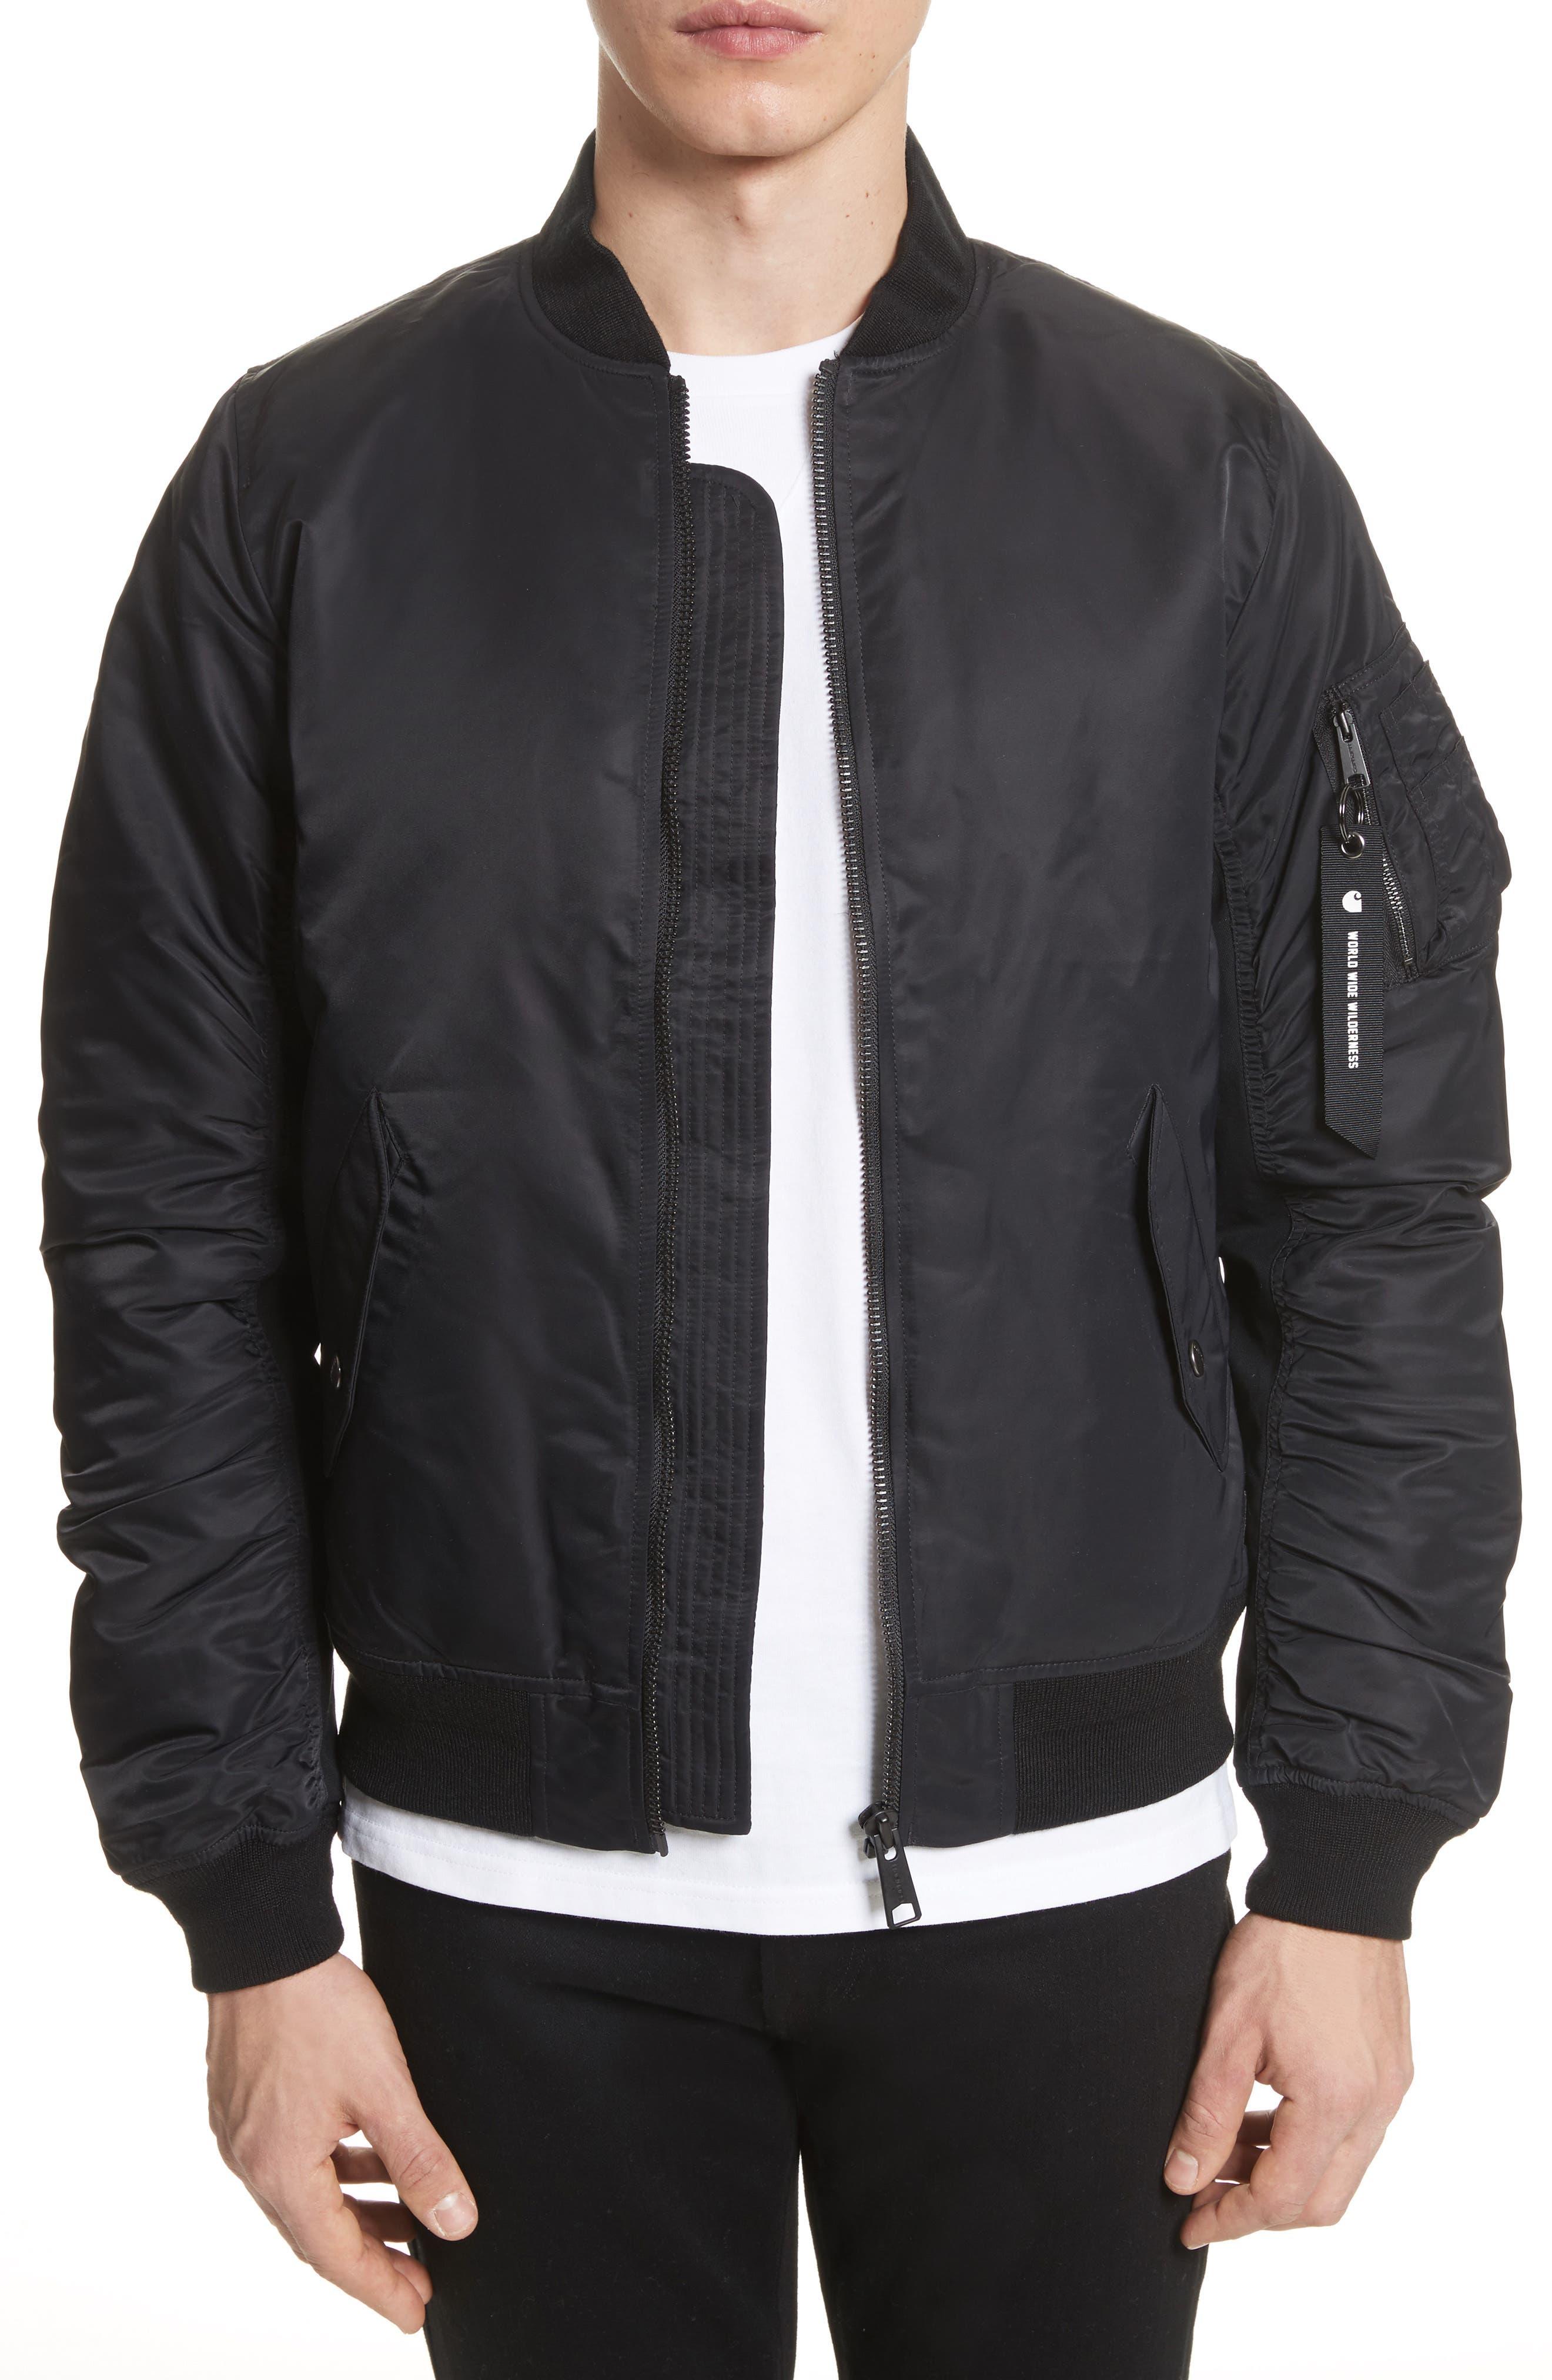 Ashton Bomber Jacket,                             Main thumbnail 1, color,                             Black/ Black